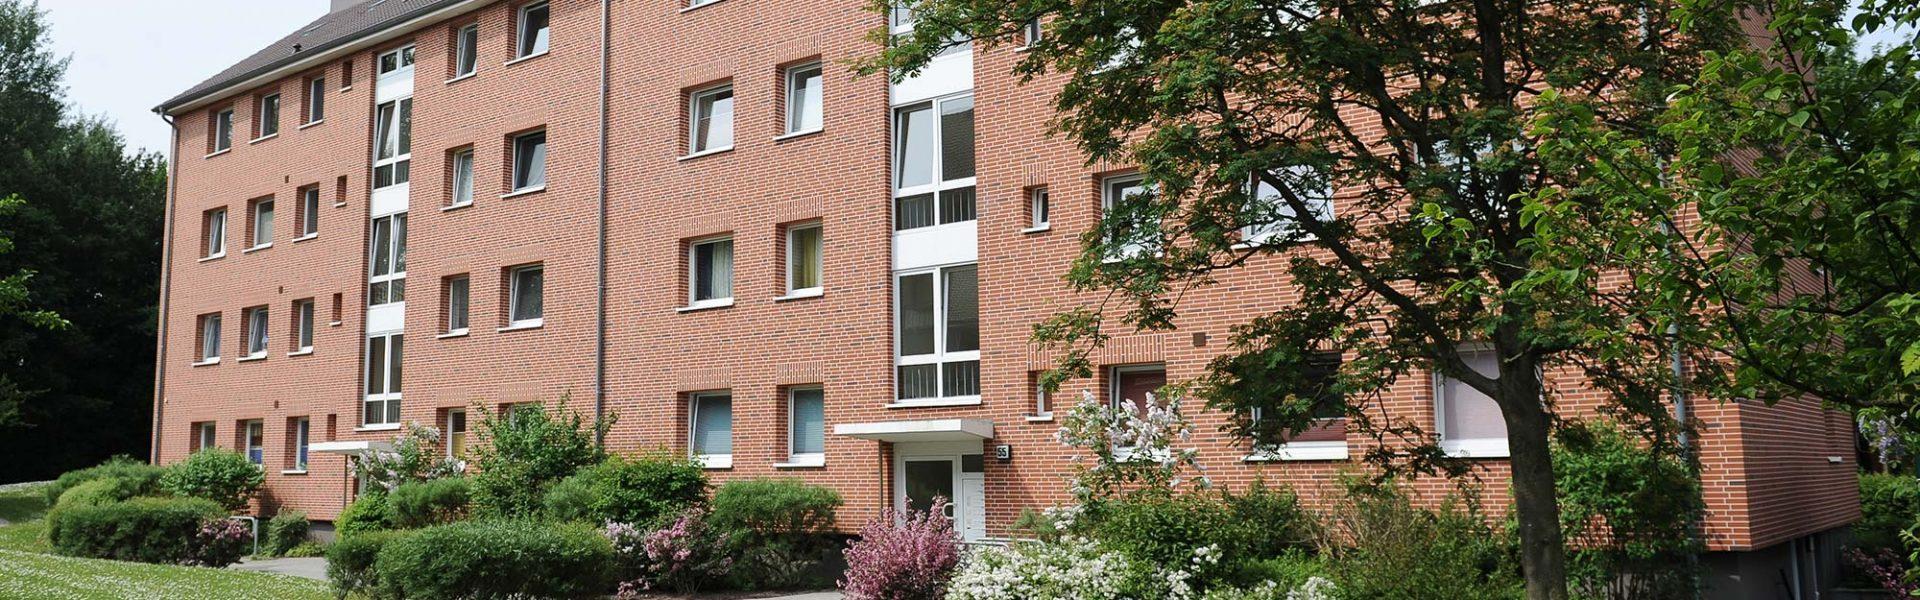 Diestelkamp 49-59, Eckernförde